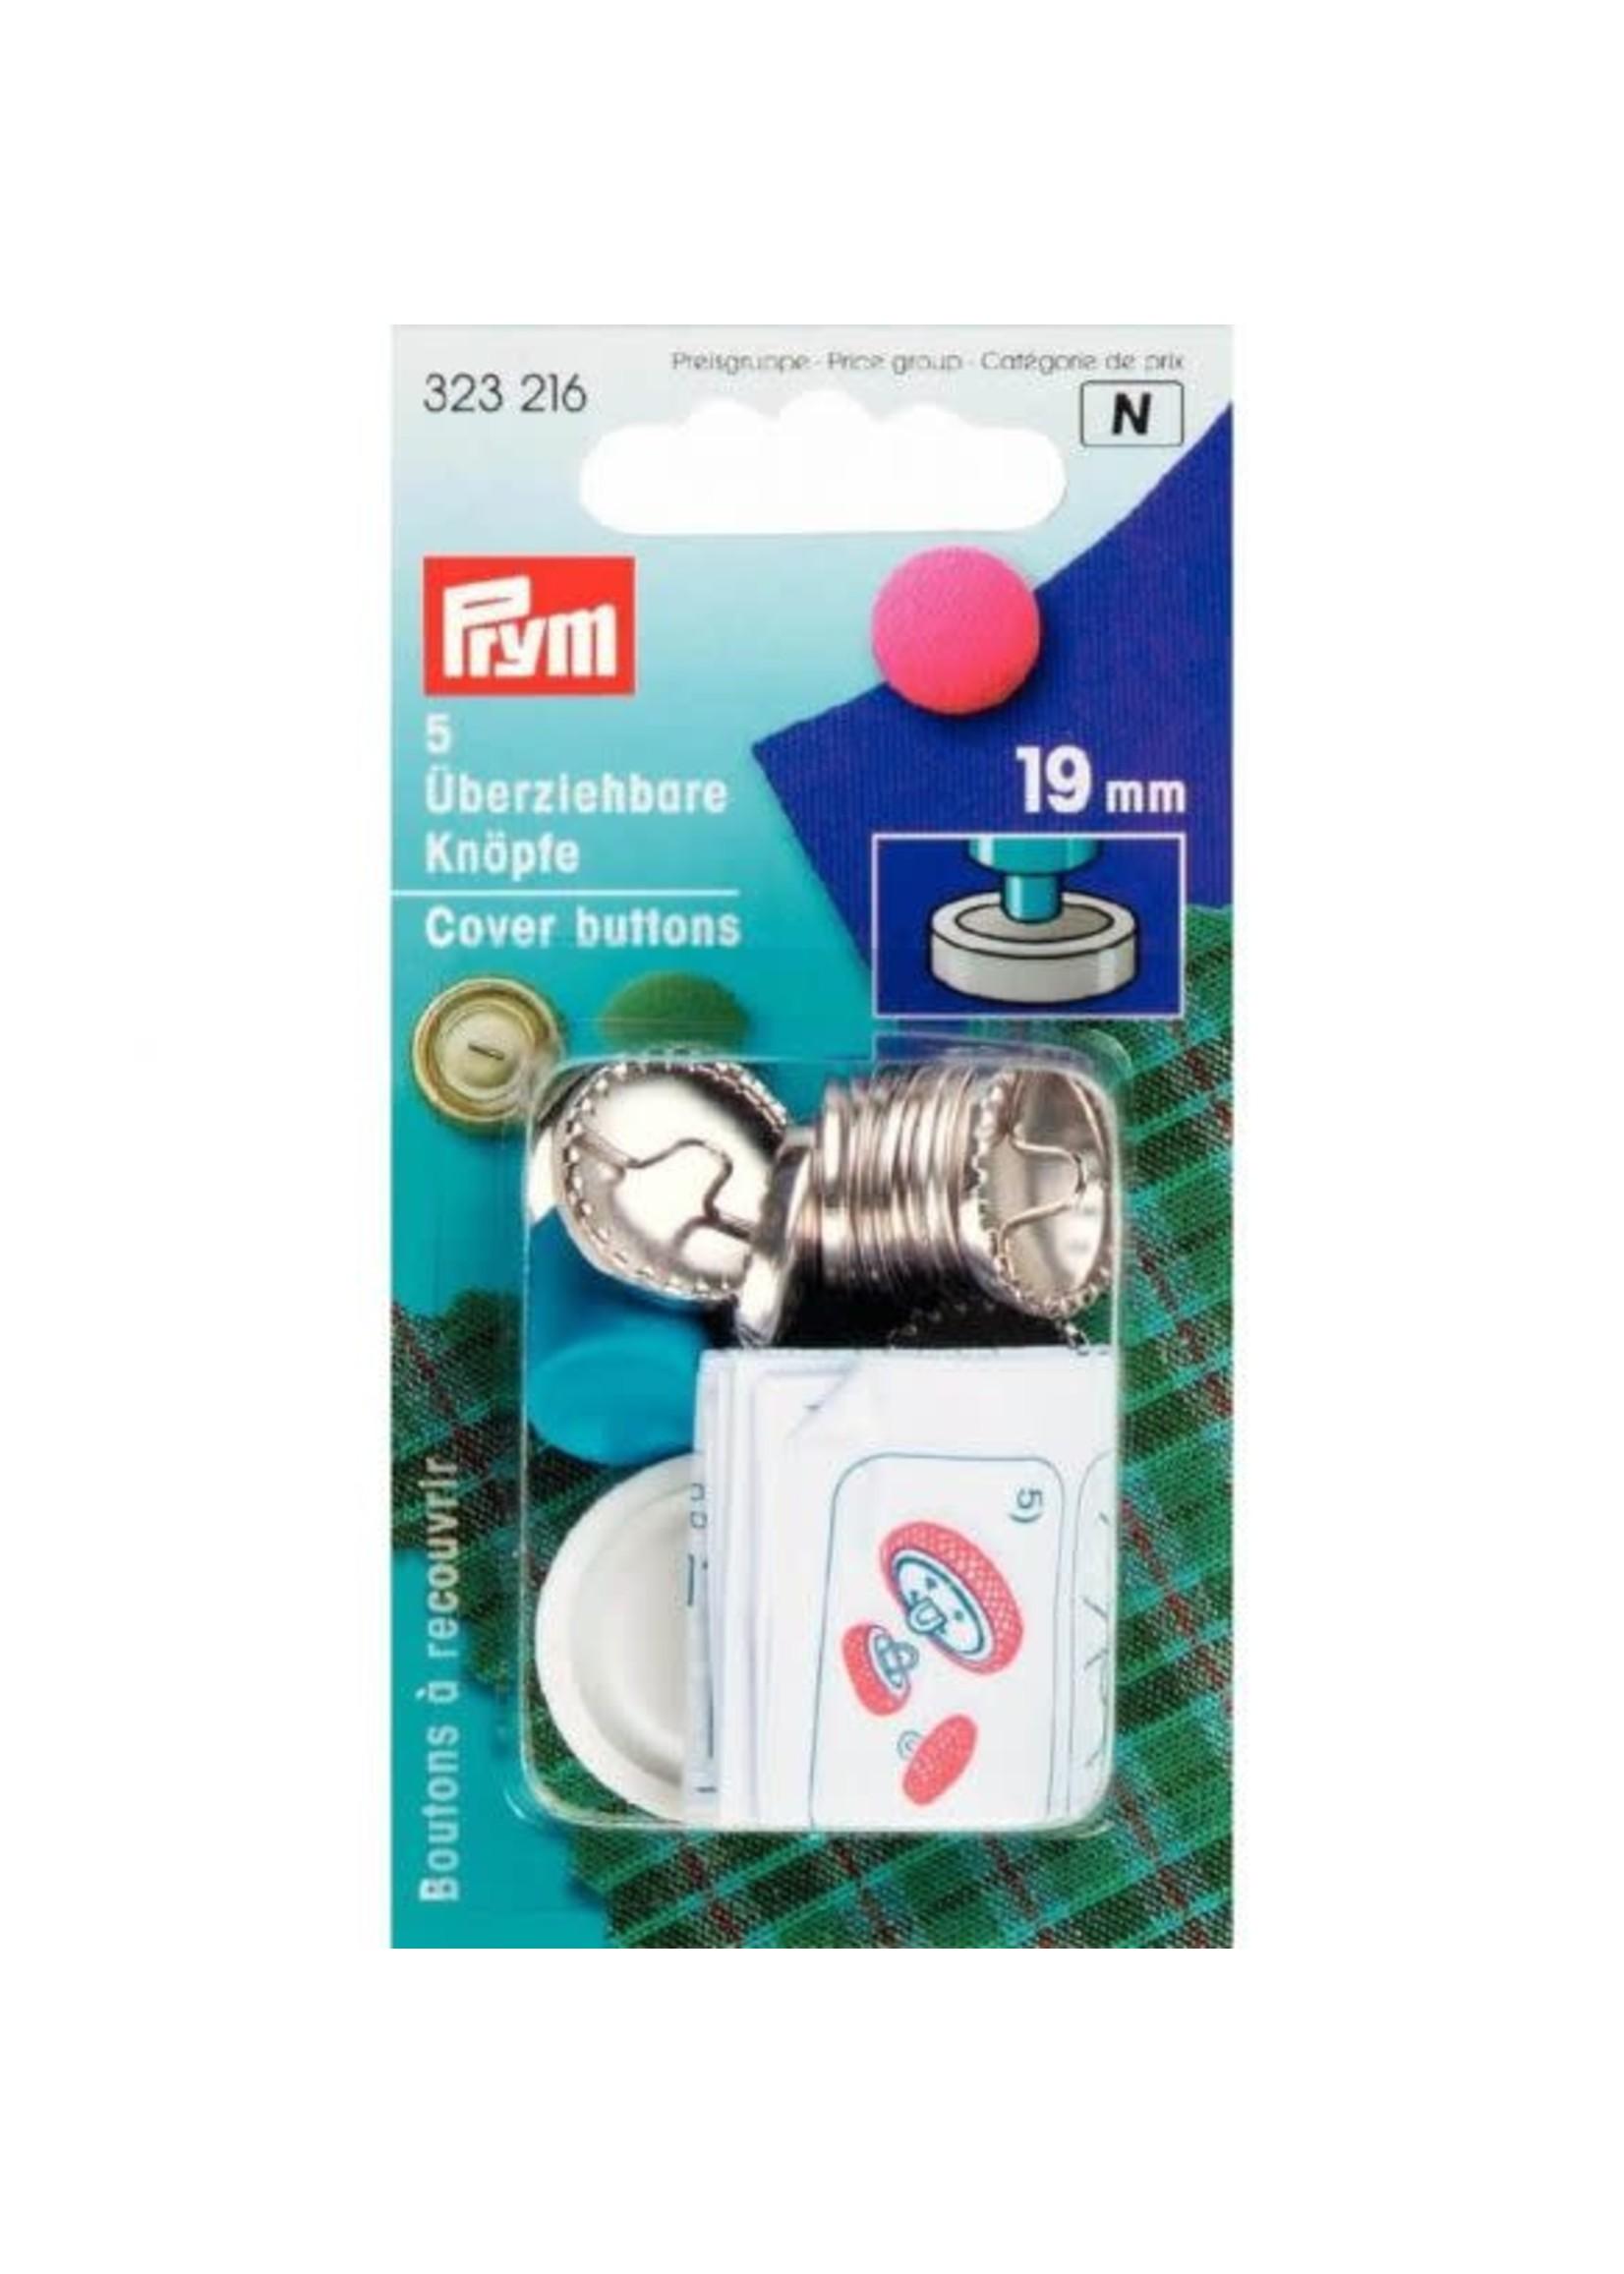 Prym Prym Stofknopen MS Zilverkleurig 19mm met matrijs